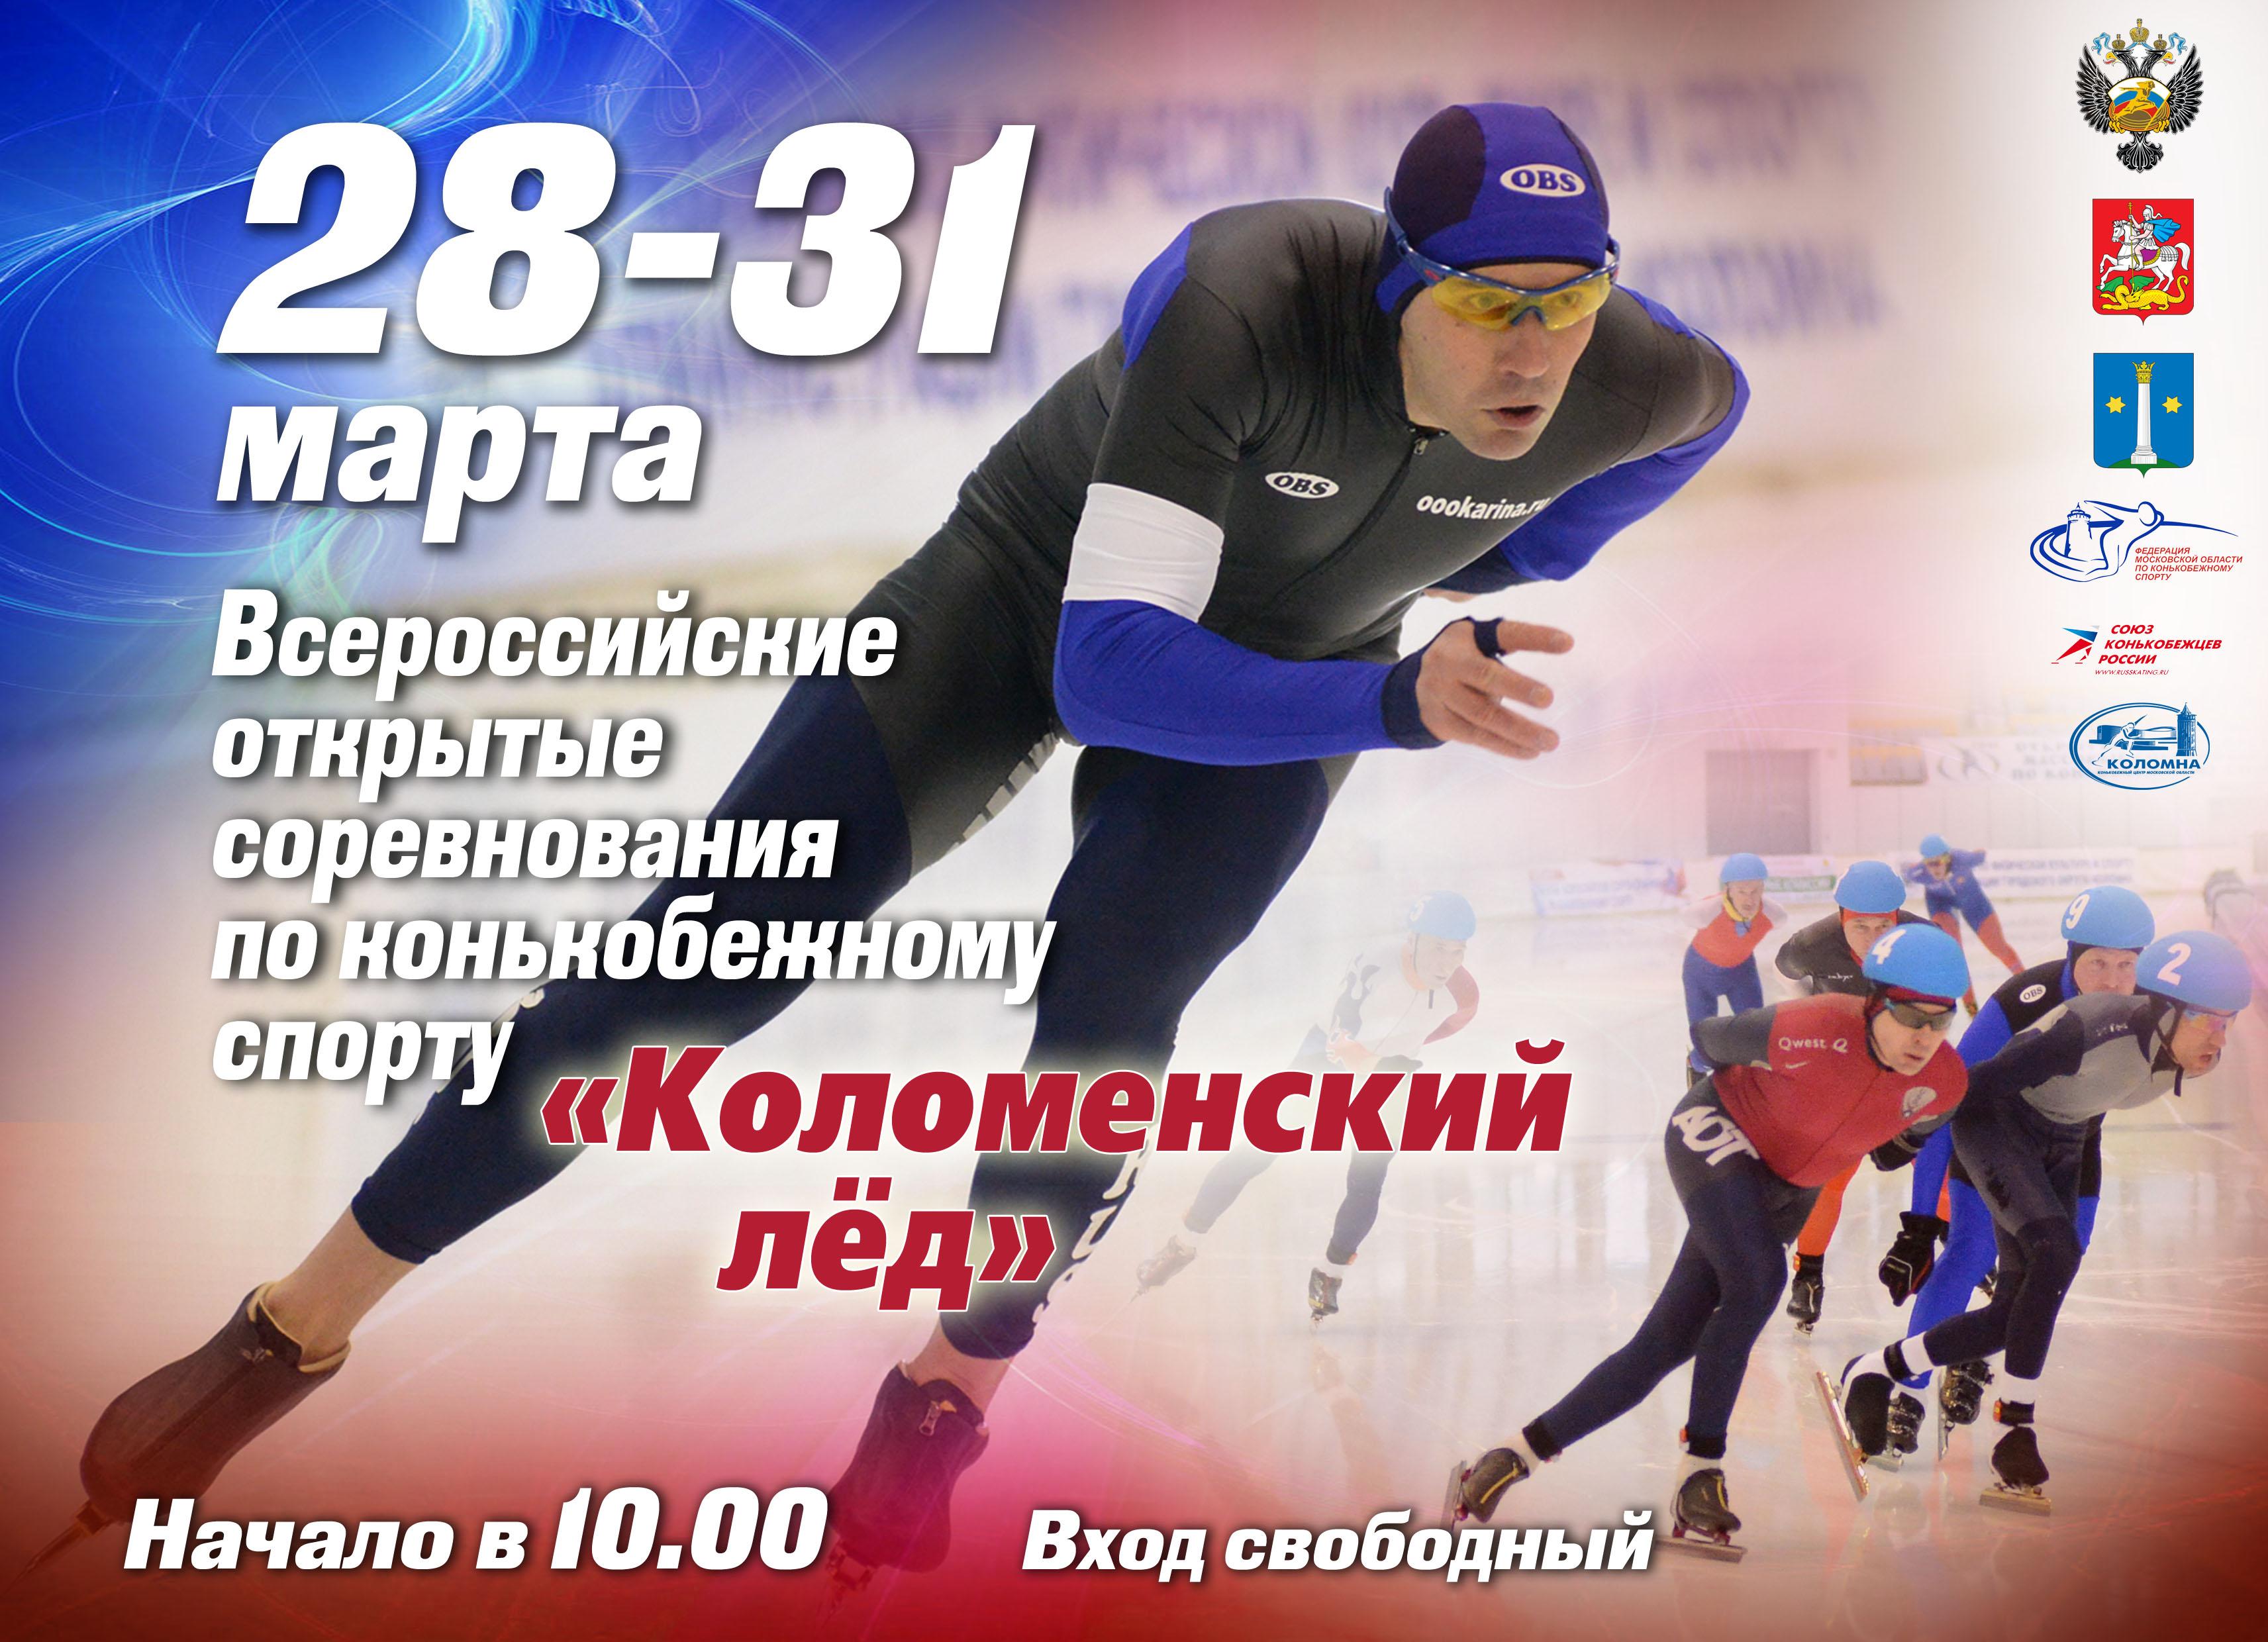 Соревнования «Коломенский лед»